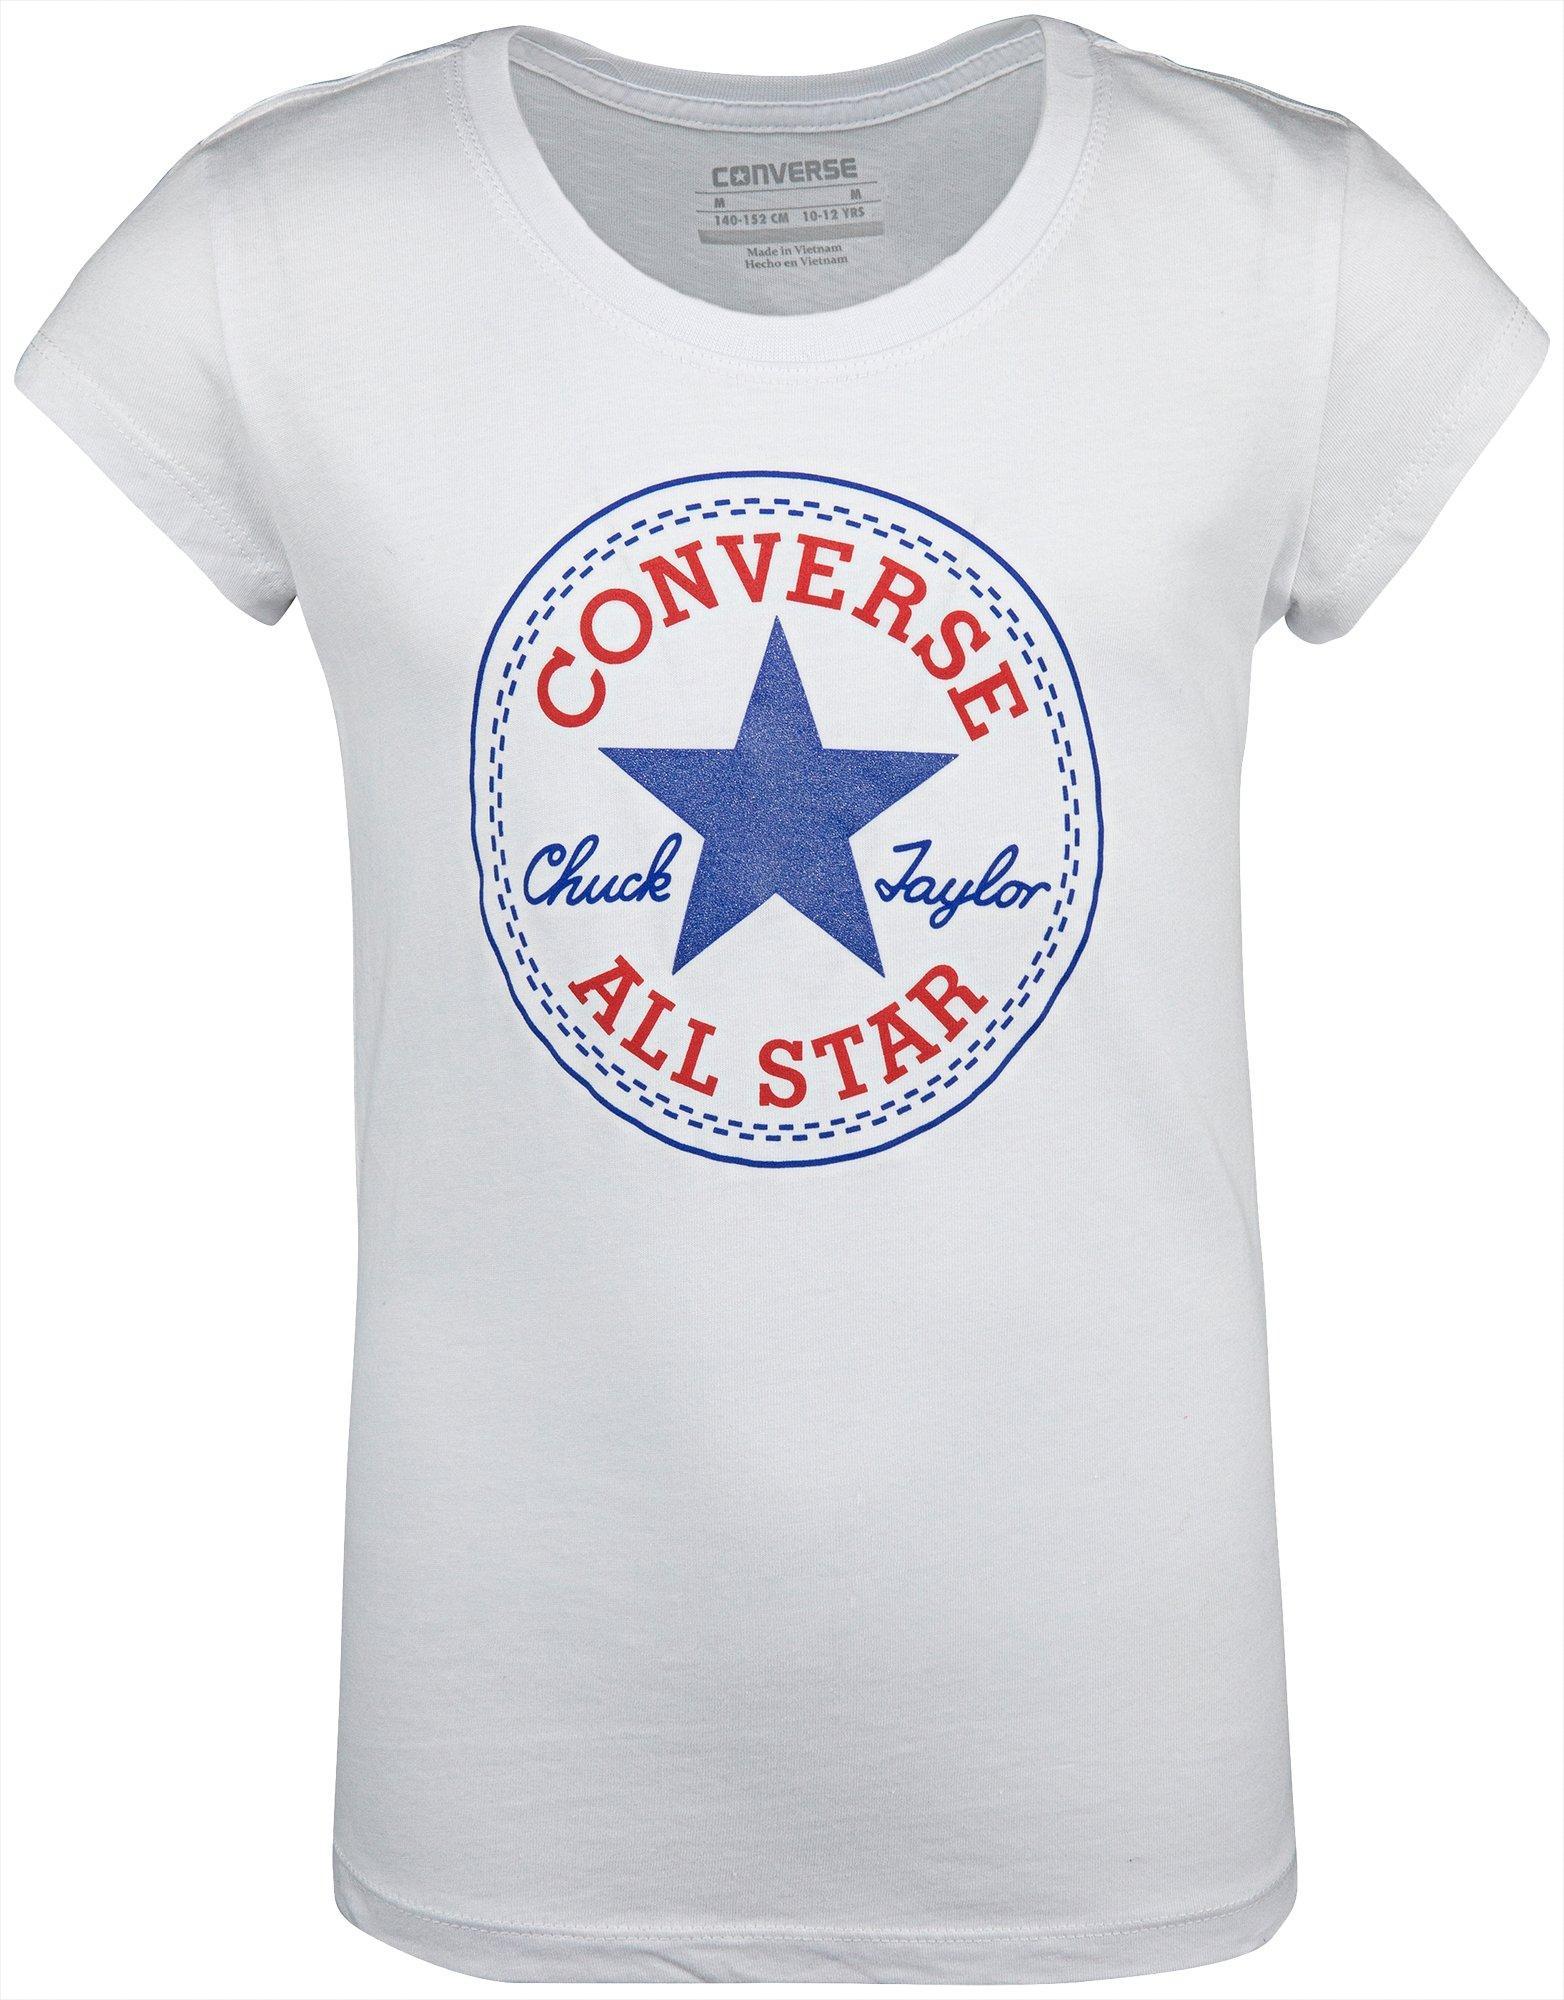 tshirt converse